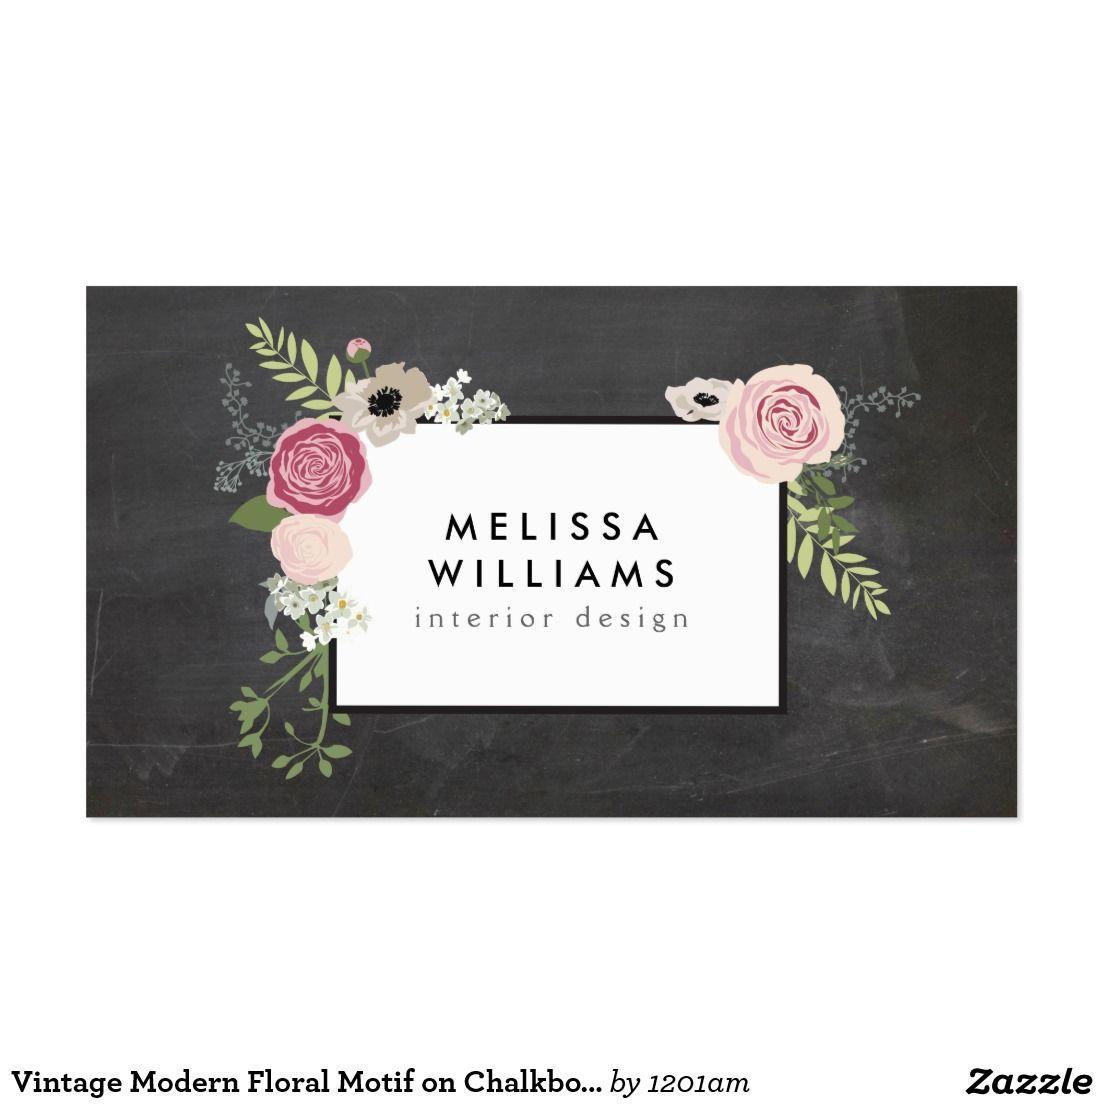 Vintage Modern Floral Motif on Chalkboard Designer Business Card ...